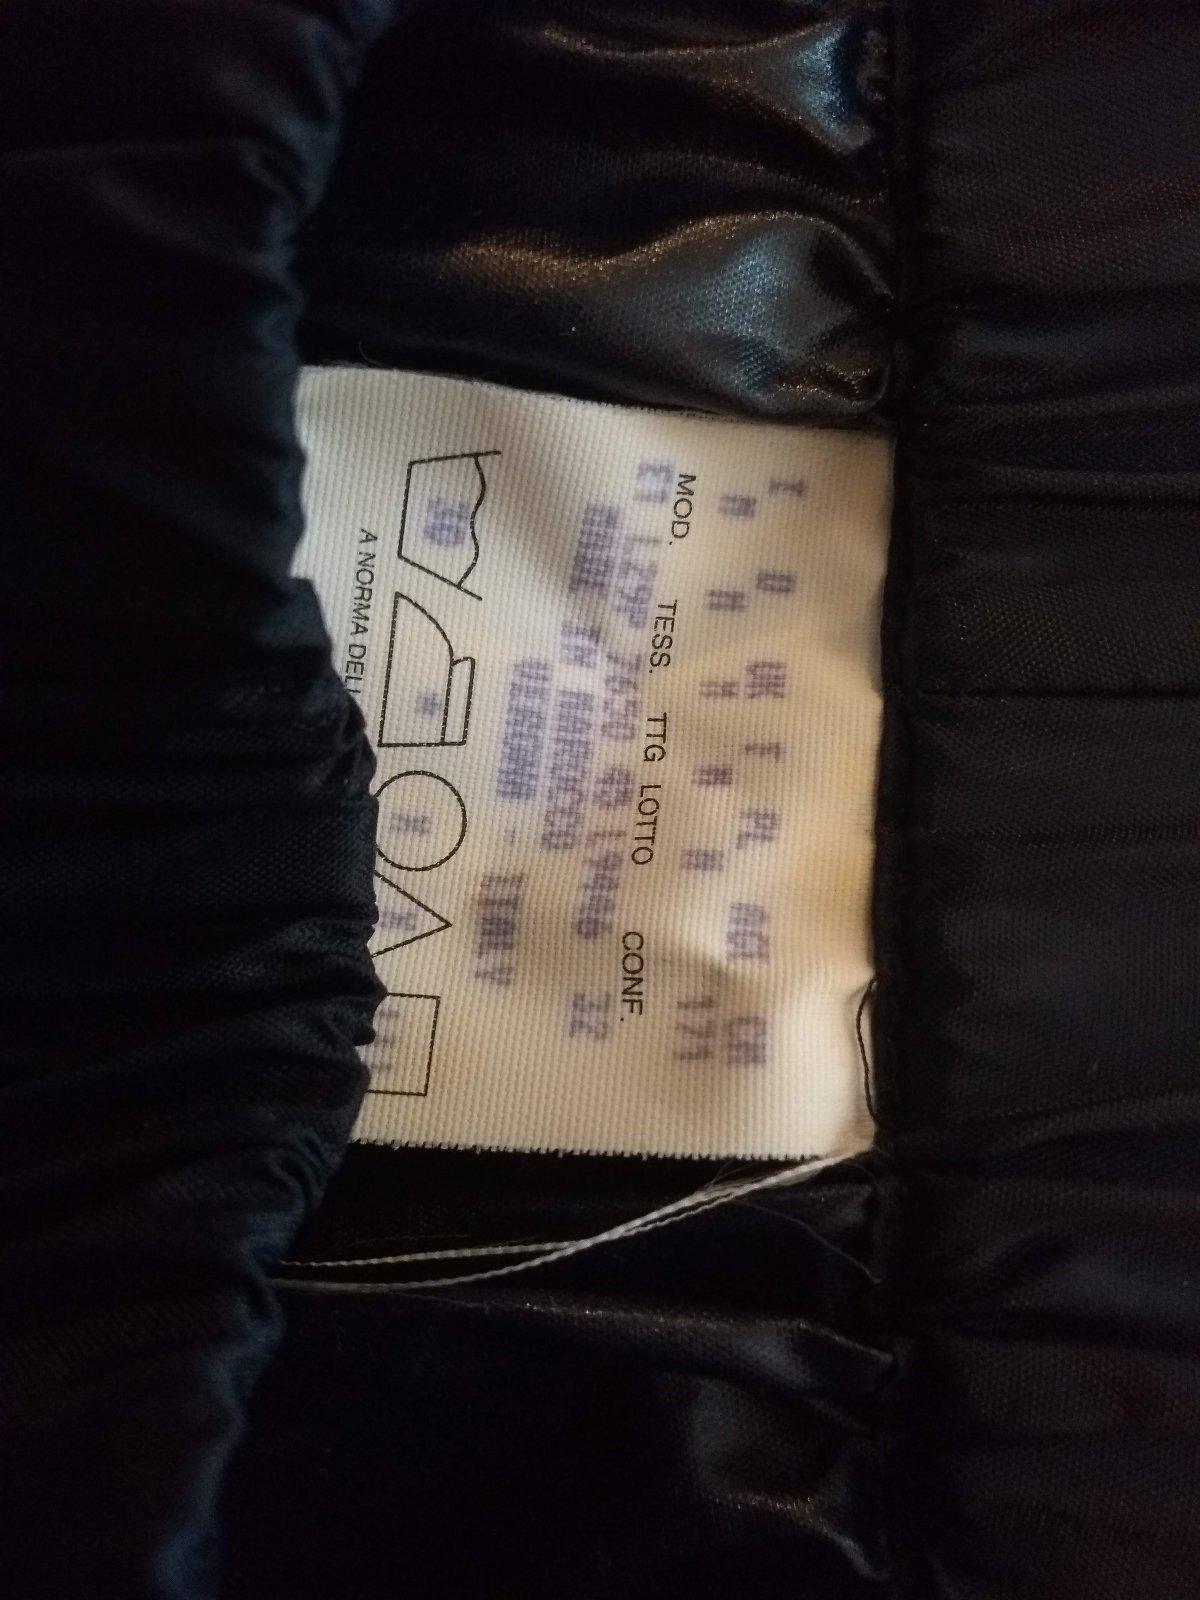 9ab2bf51f4a7 Zobraz celé podmienky. Nepremokavé nohavice na turistiku veľ cca 42-44 ...